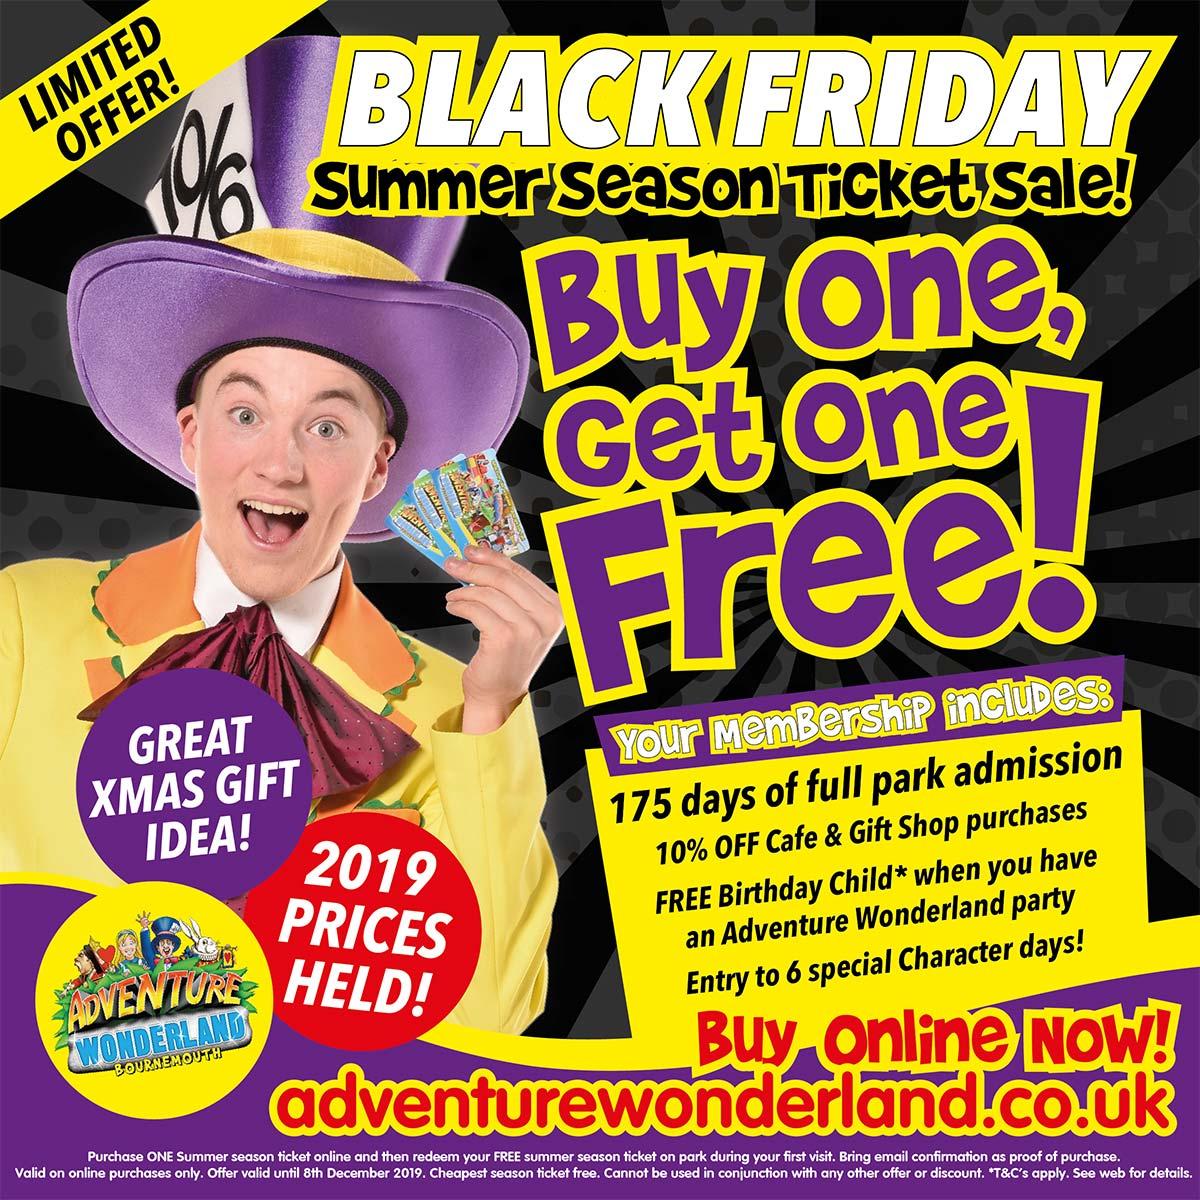 Adventure Wonderland Black Friday Ticket Offer